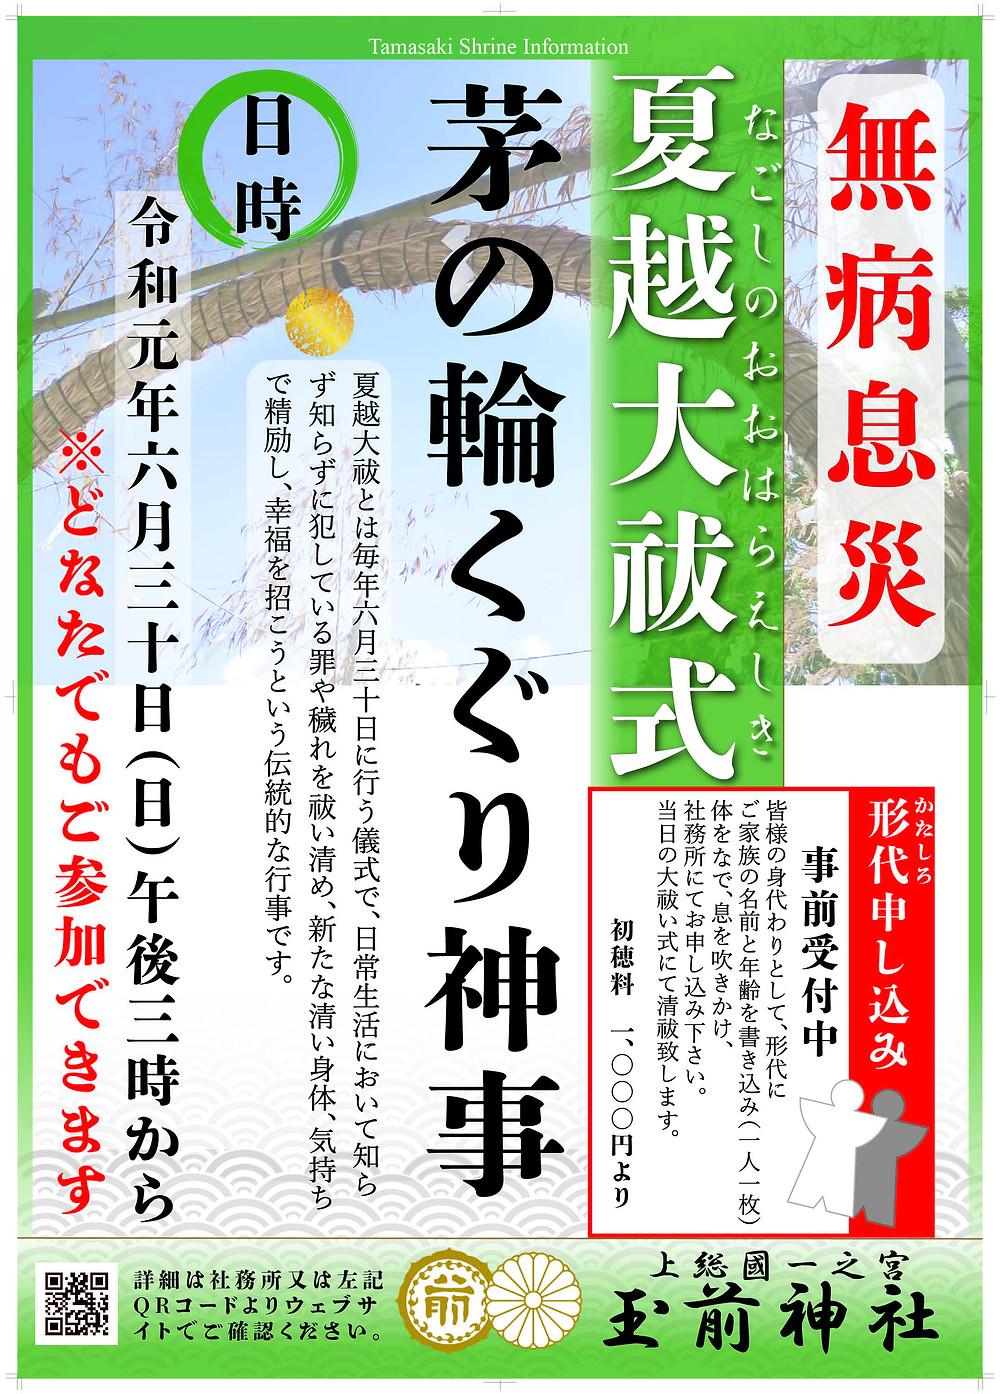 6月30日(日) 15:00 夏越大祓